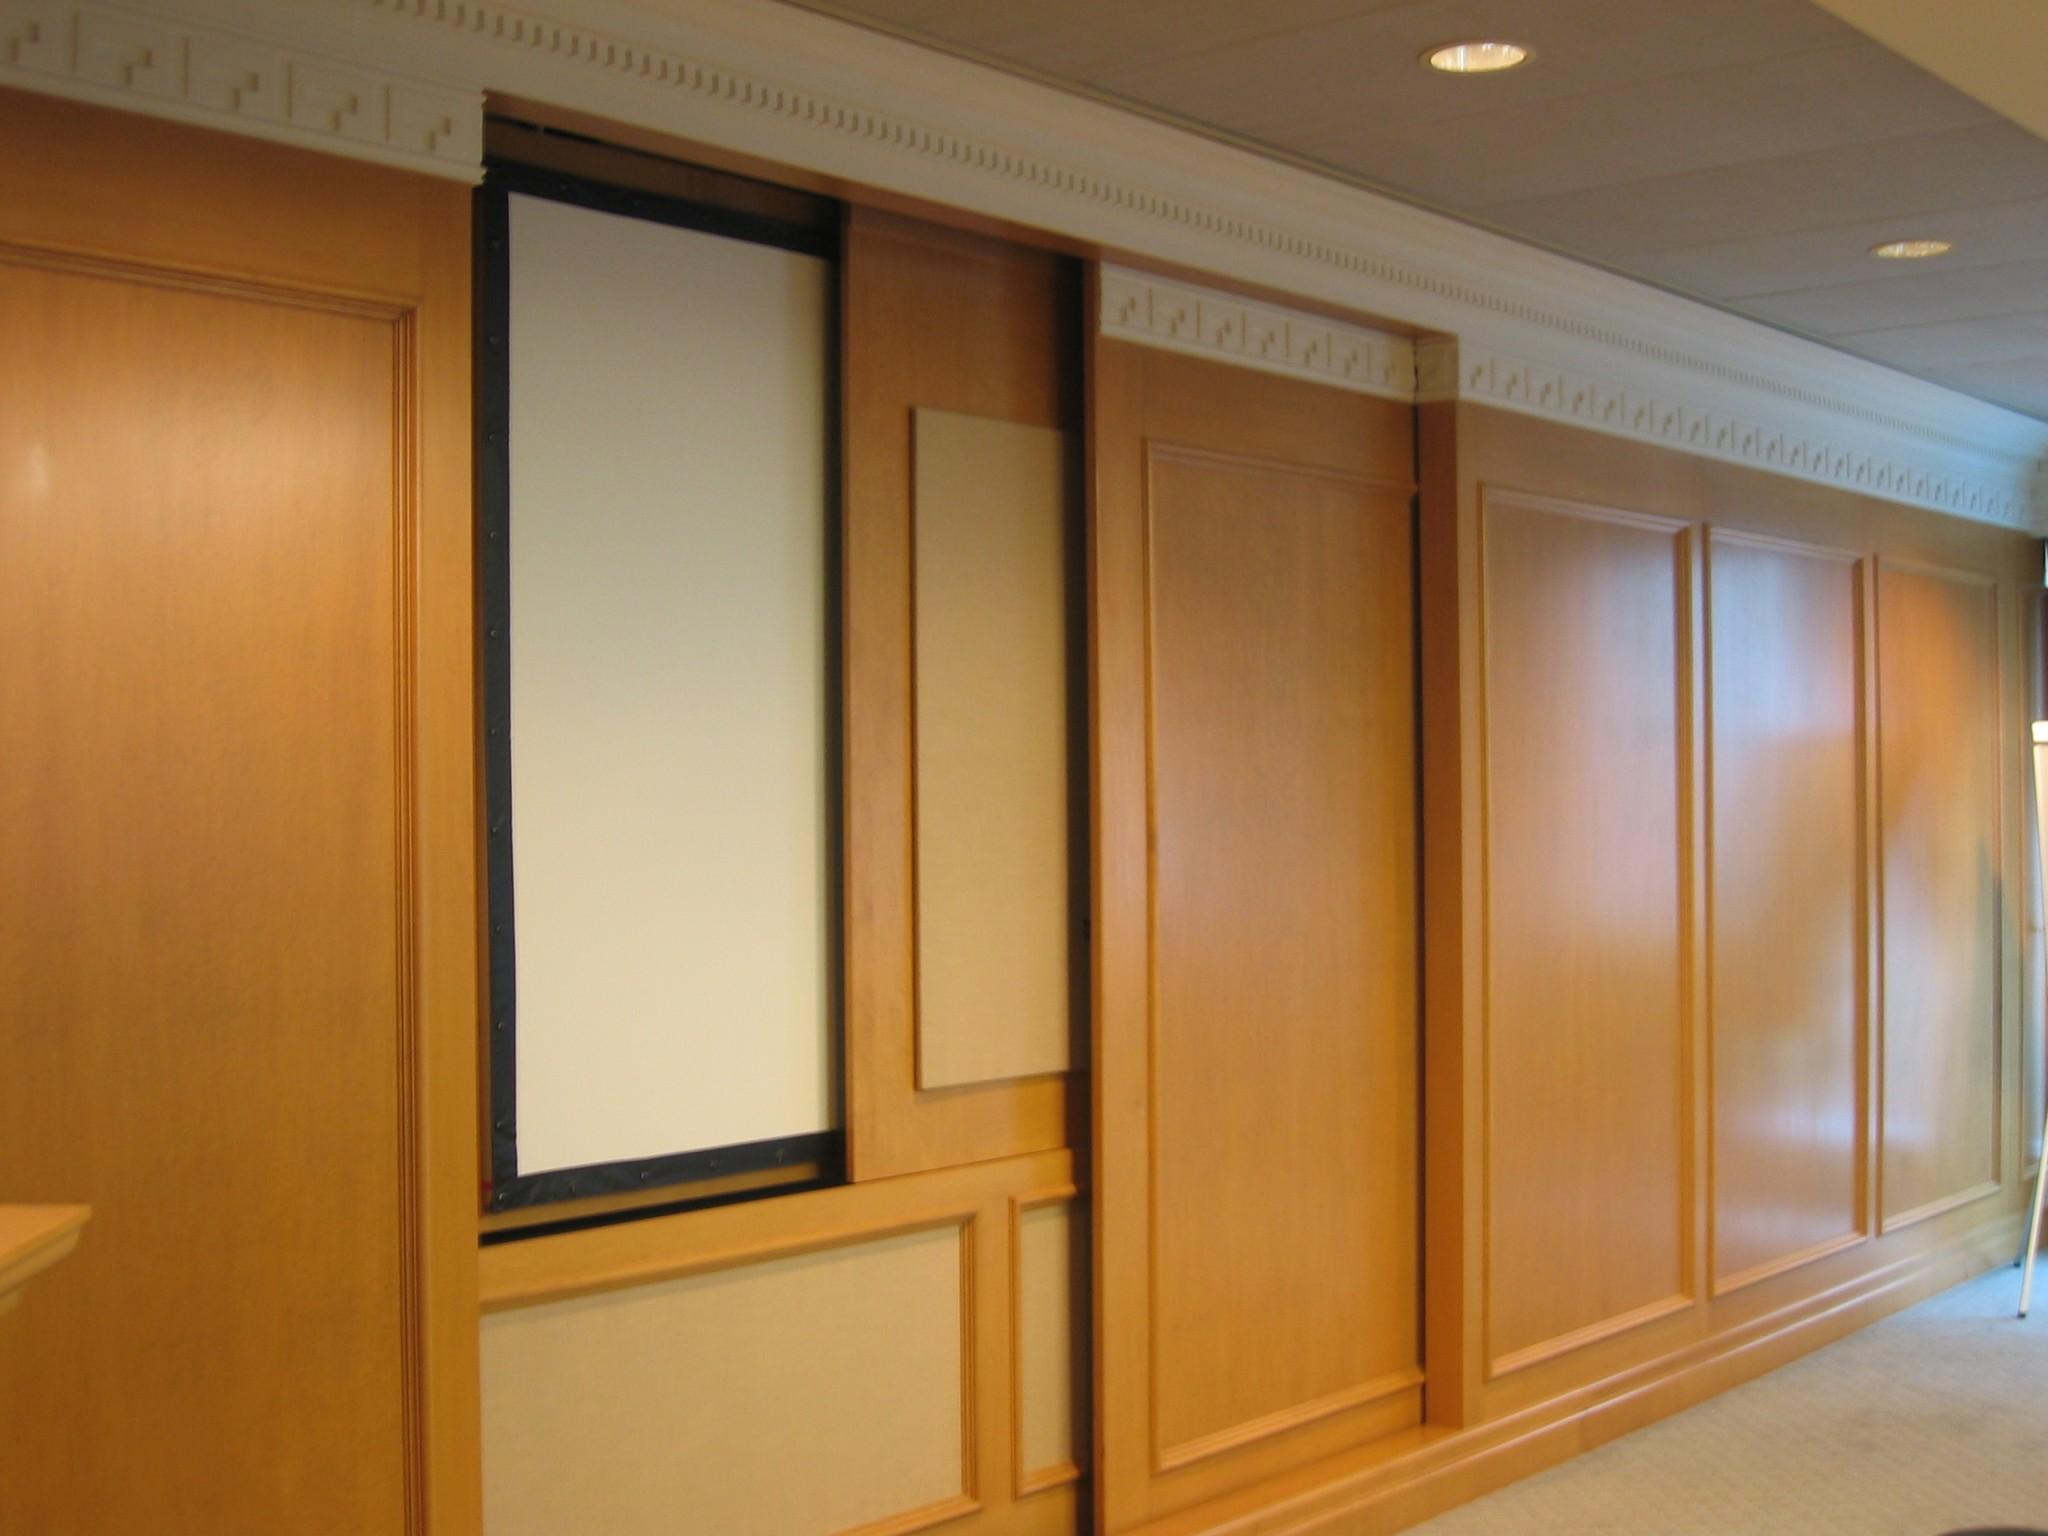 Presentation AV Wall